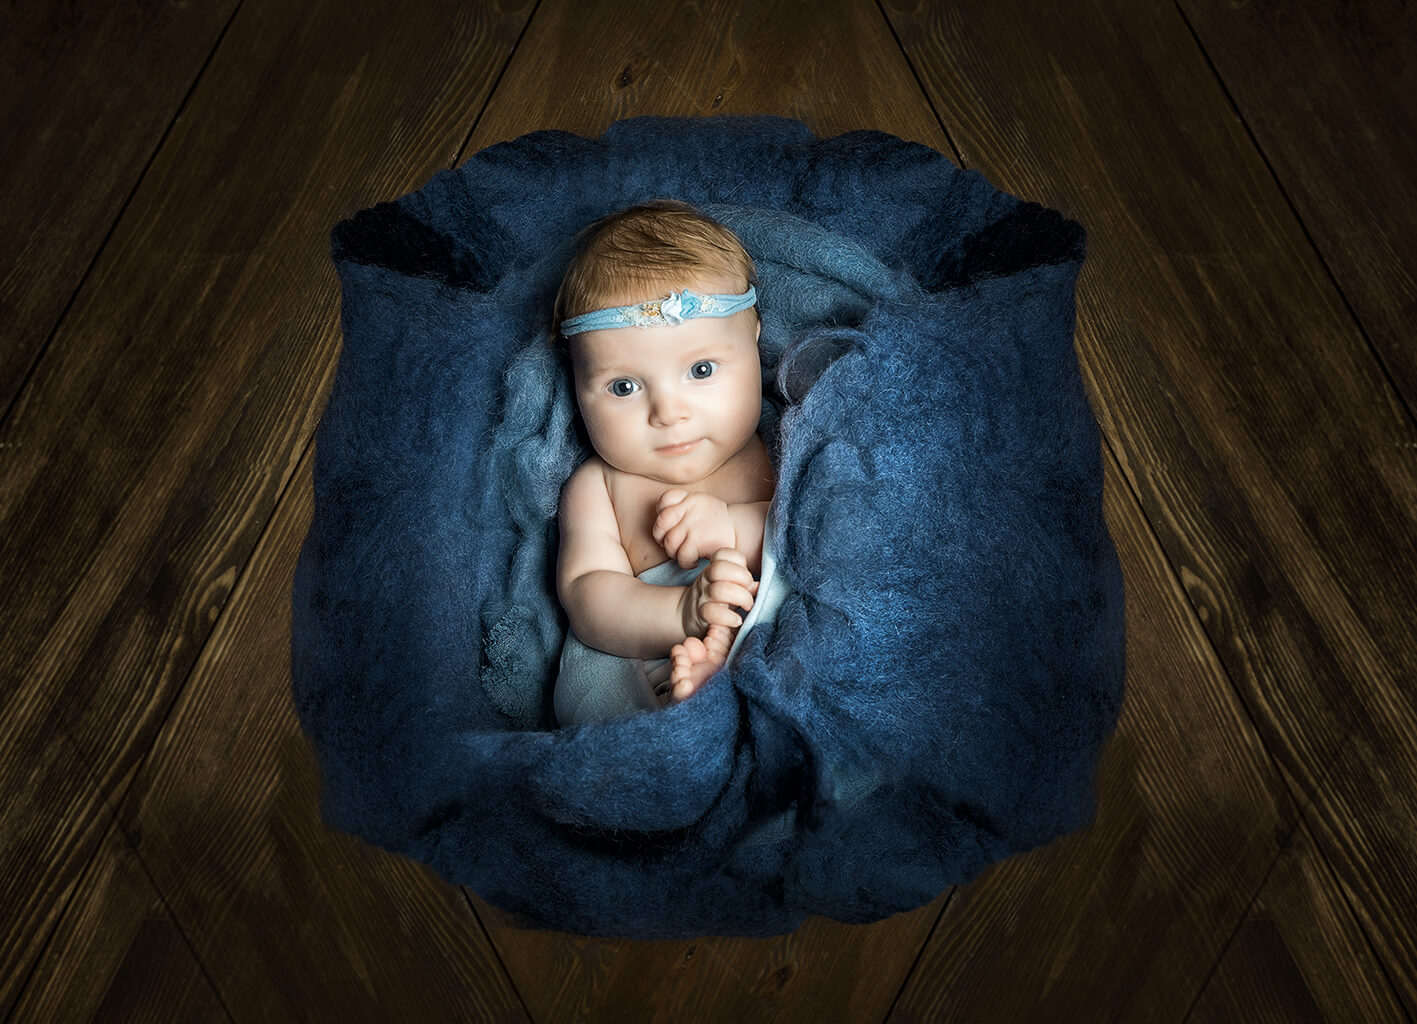 Babyfoto mit dunklem Holz Hintergrund